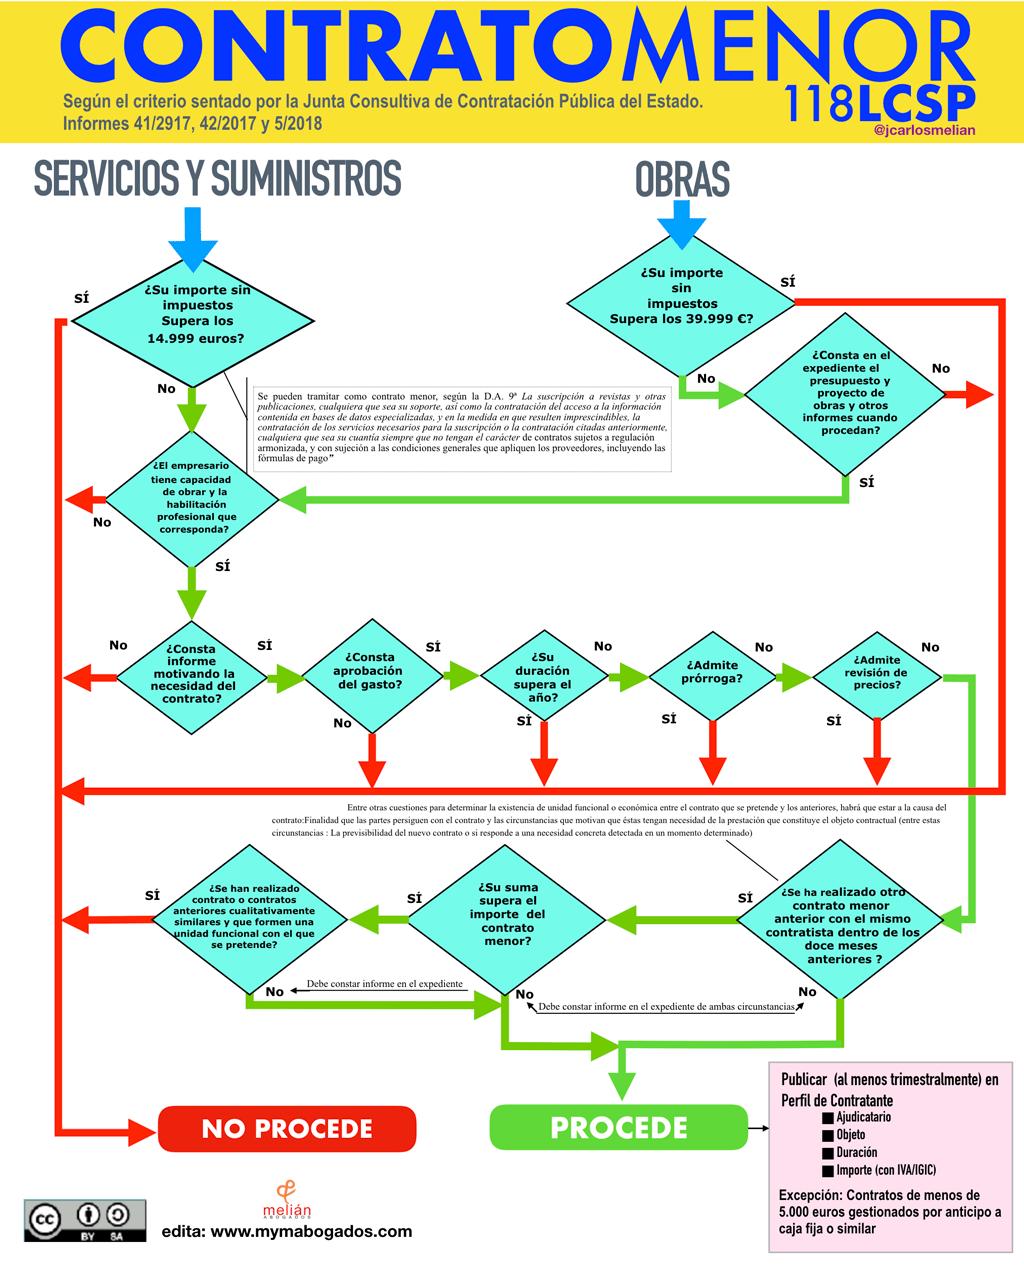 Esquema Contrato Menor según Junta Consultiva de